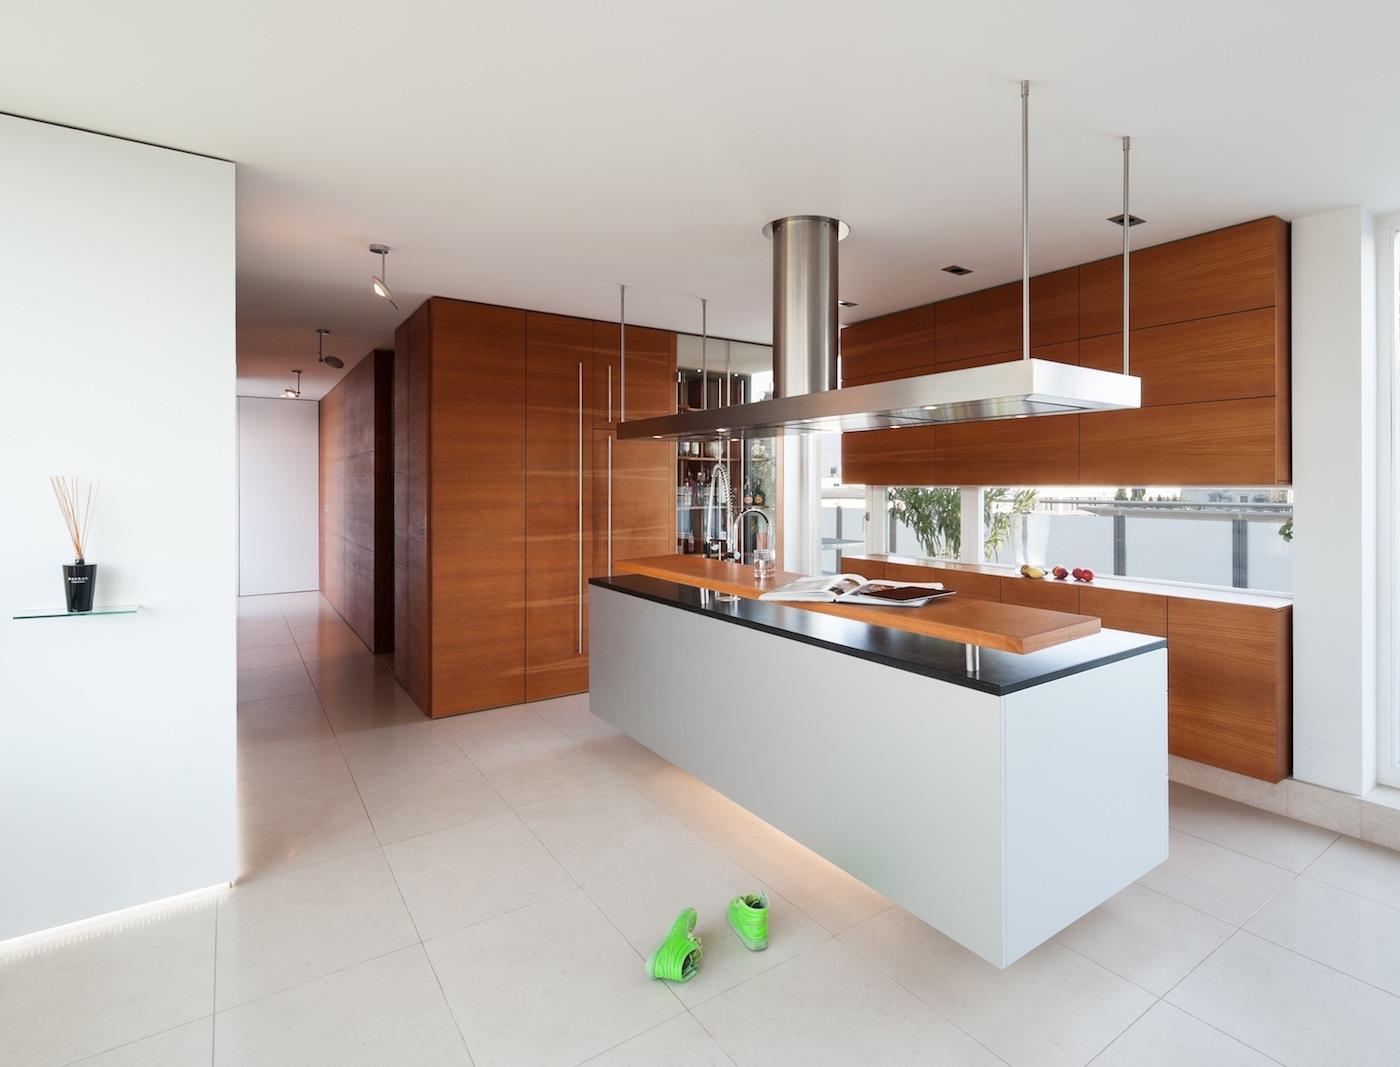 Küchenbar • Bilder & Ideen • Couchstyle